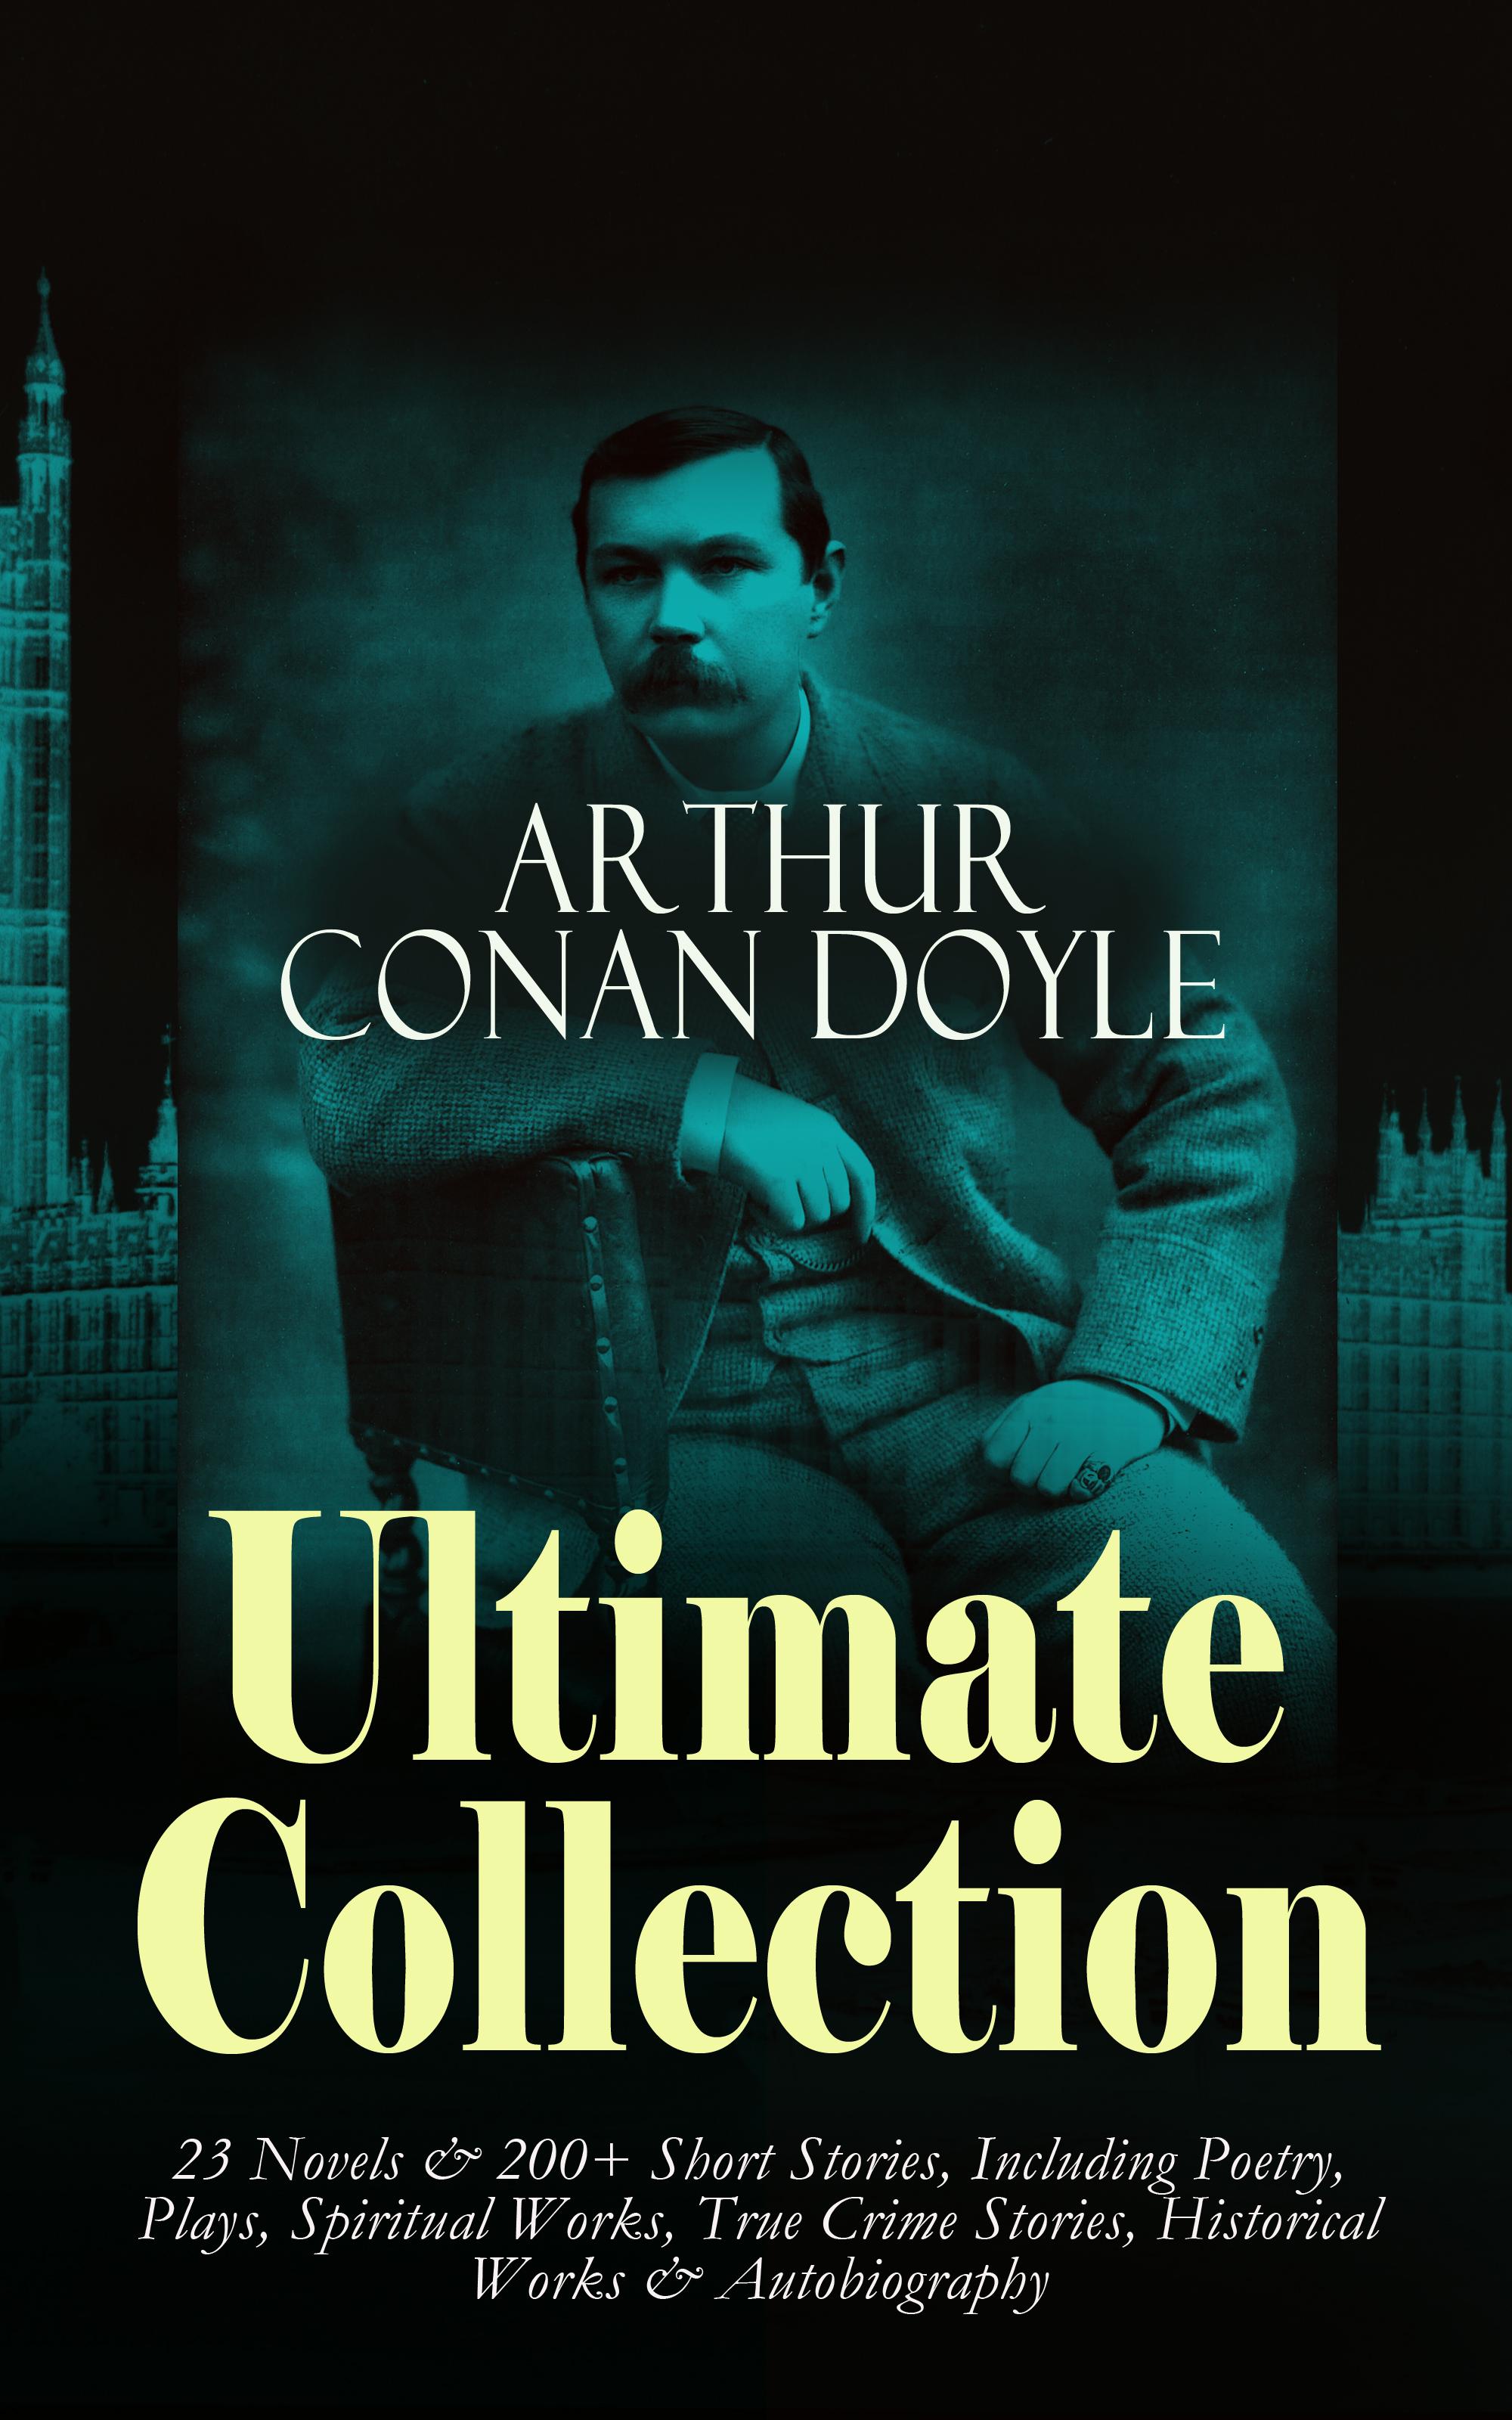 Фото - Sir Arthur Conan Doyle ARTHUR CONAN DOYLE Ultimate Collection: 23 Novels & 200+ Short Stories conan